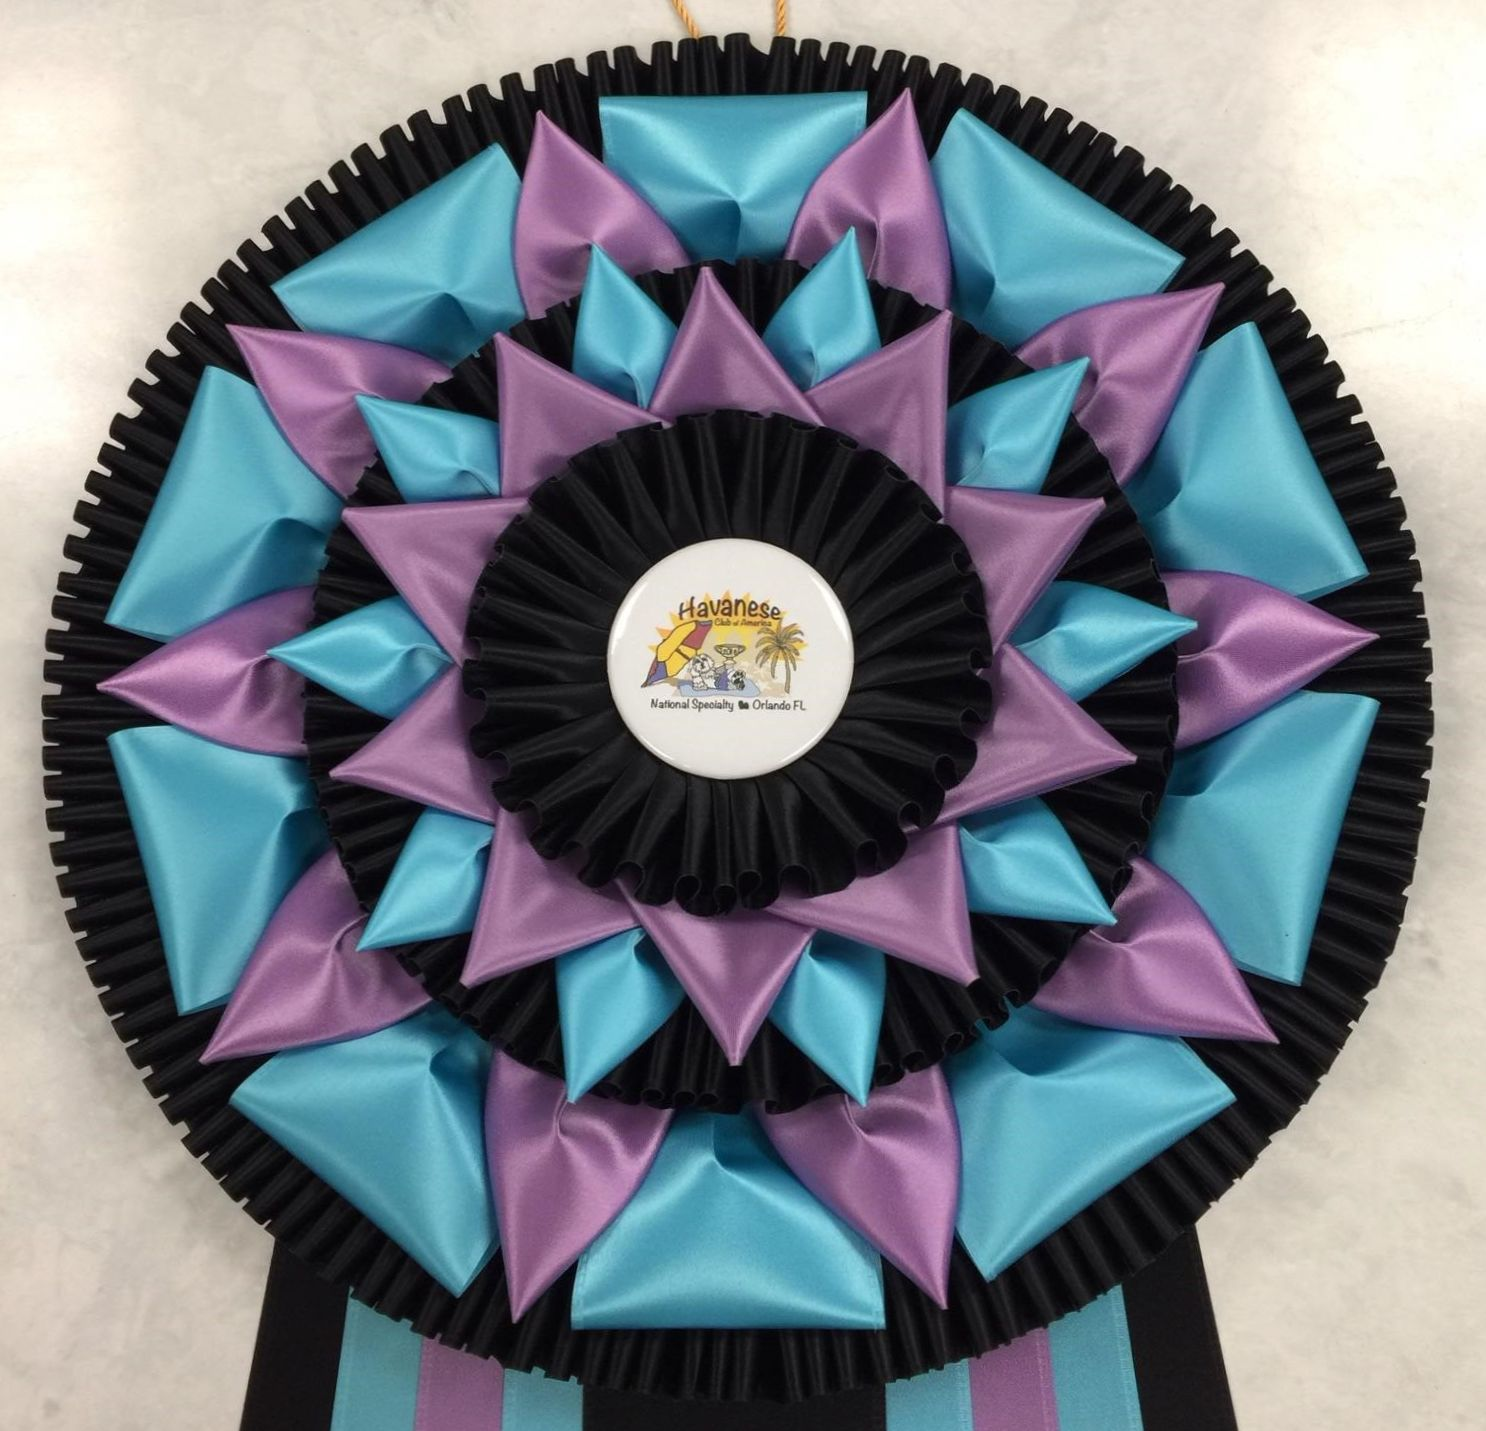 Color button - Havanese